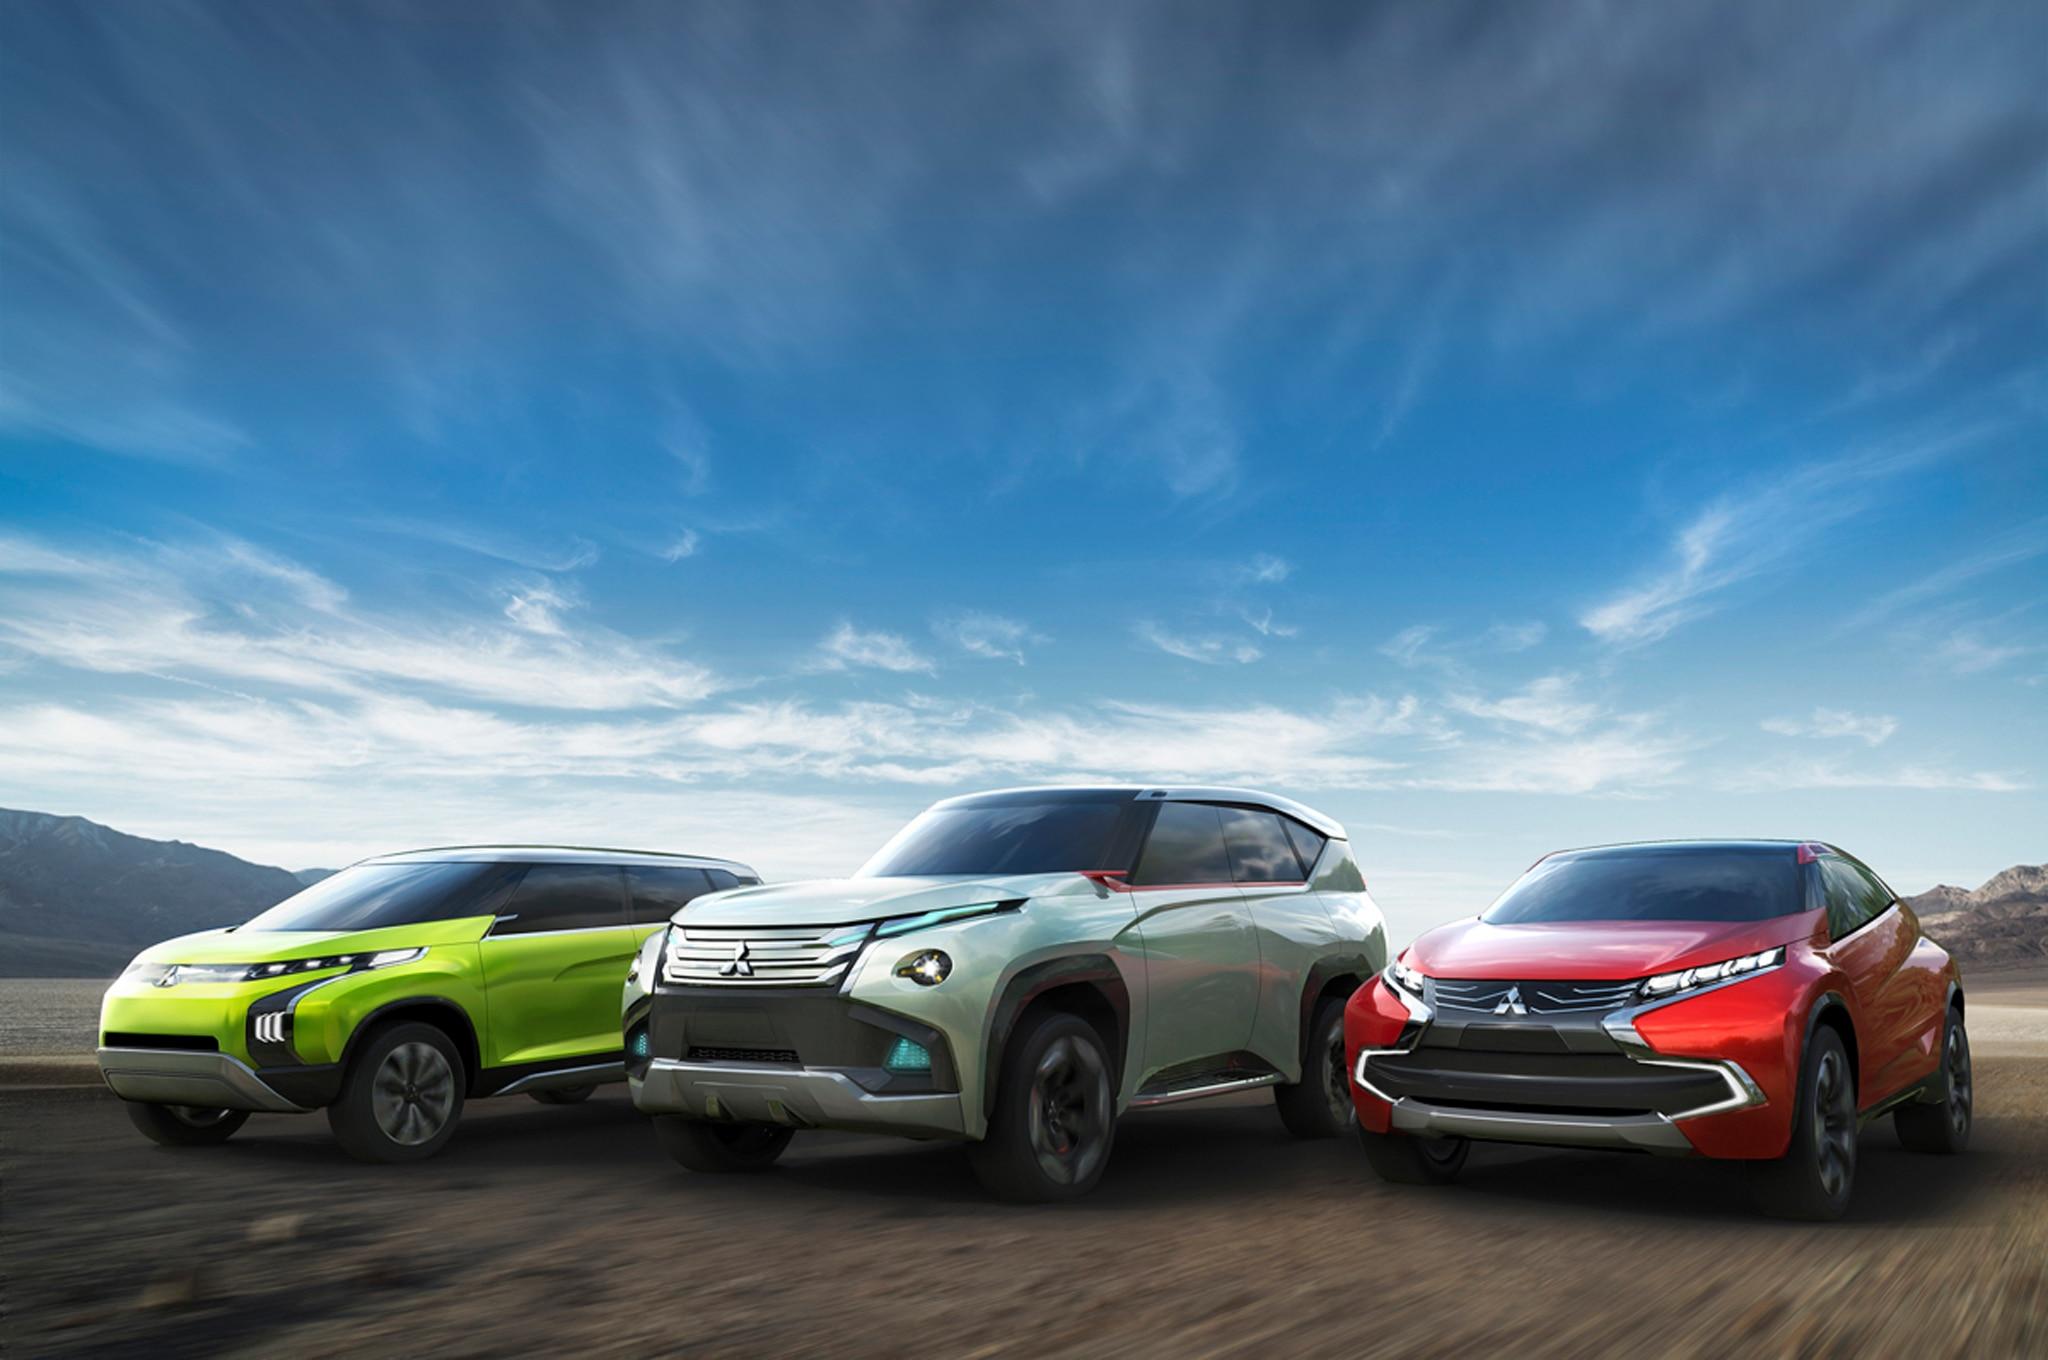 Mitsubishi Tokyo Concept Cars Group1